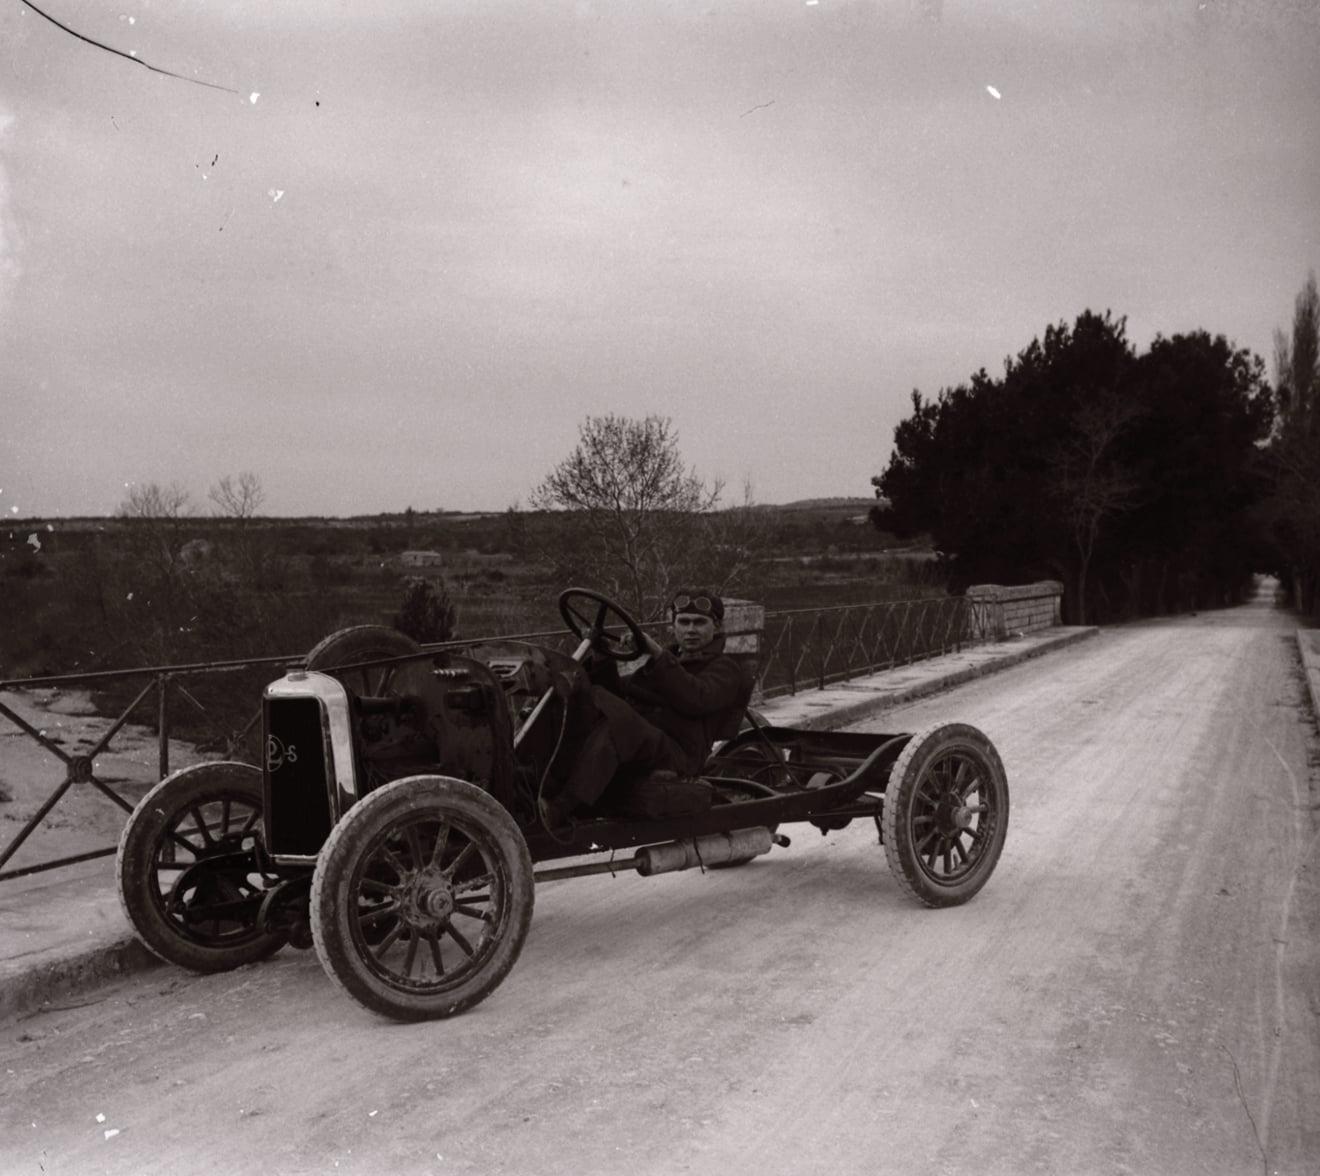 -Panhard-en-Levassor-chassis---een-10PK-uit-het-midden-van-de-jaren-1920-(1)